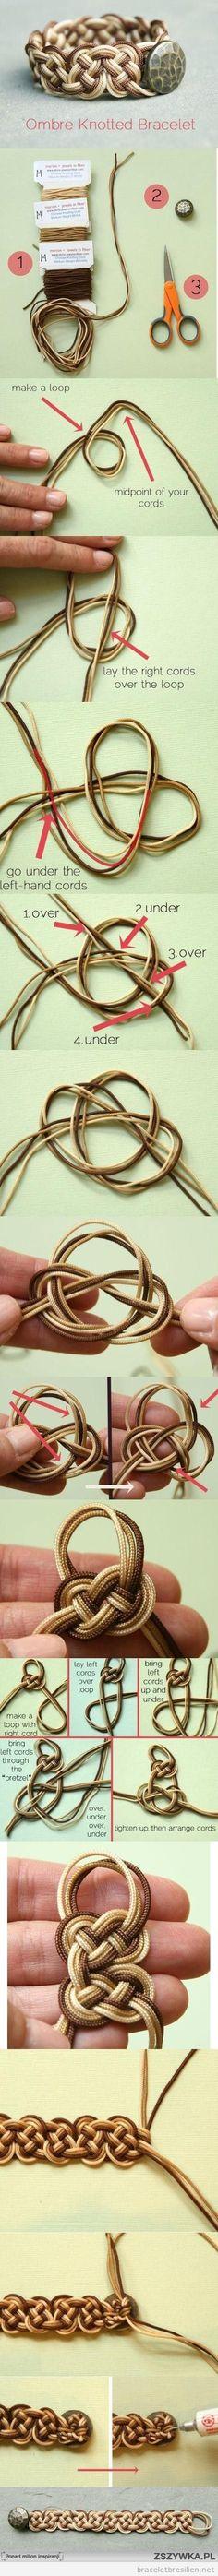 tuto pour réaliser pas a pas bracelet de noeuds complexe